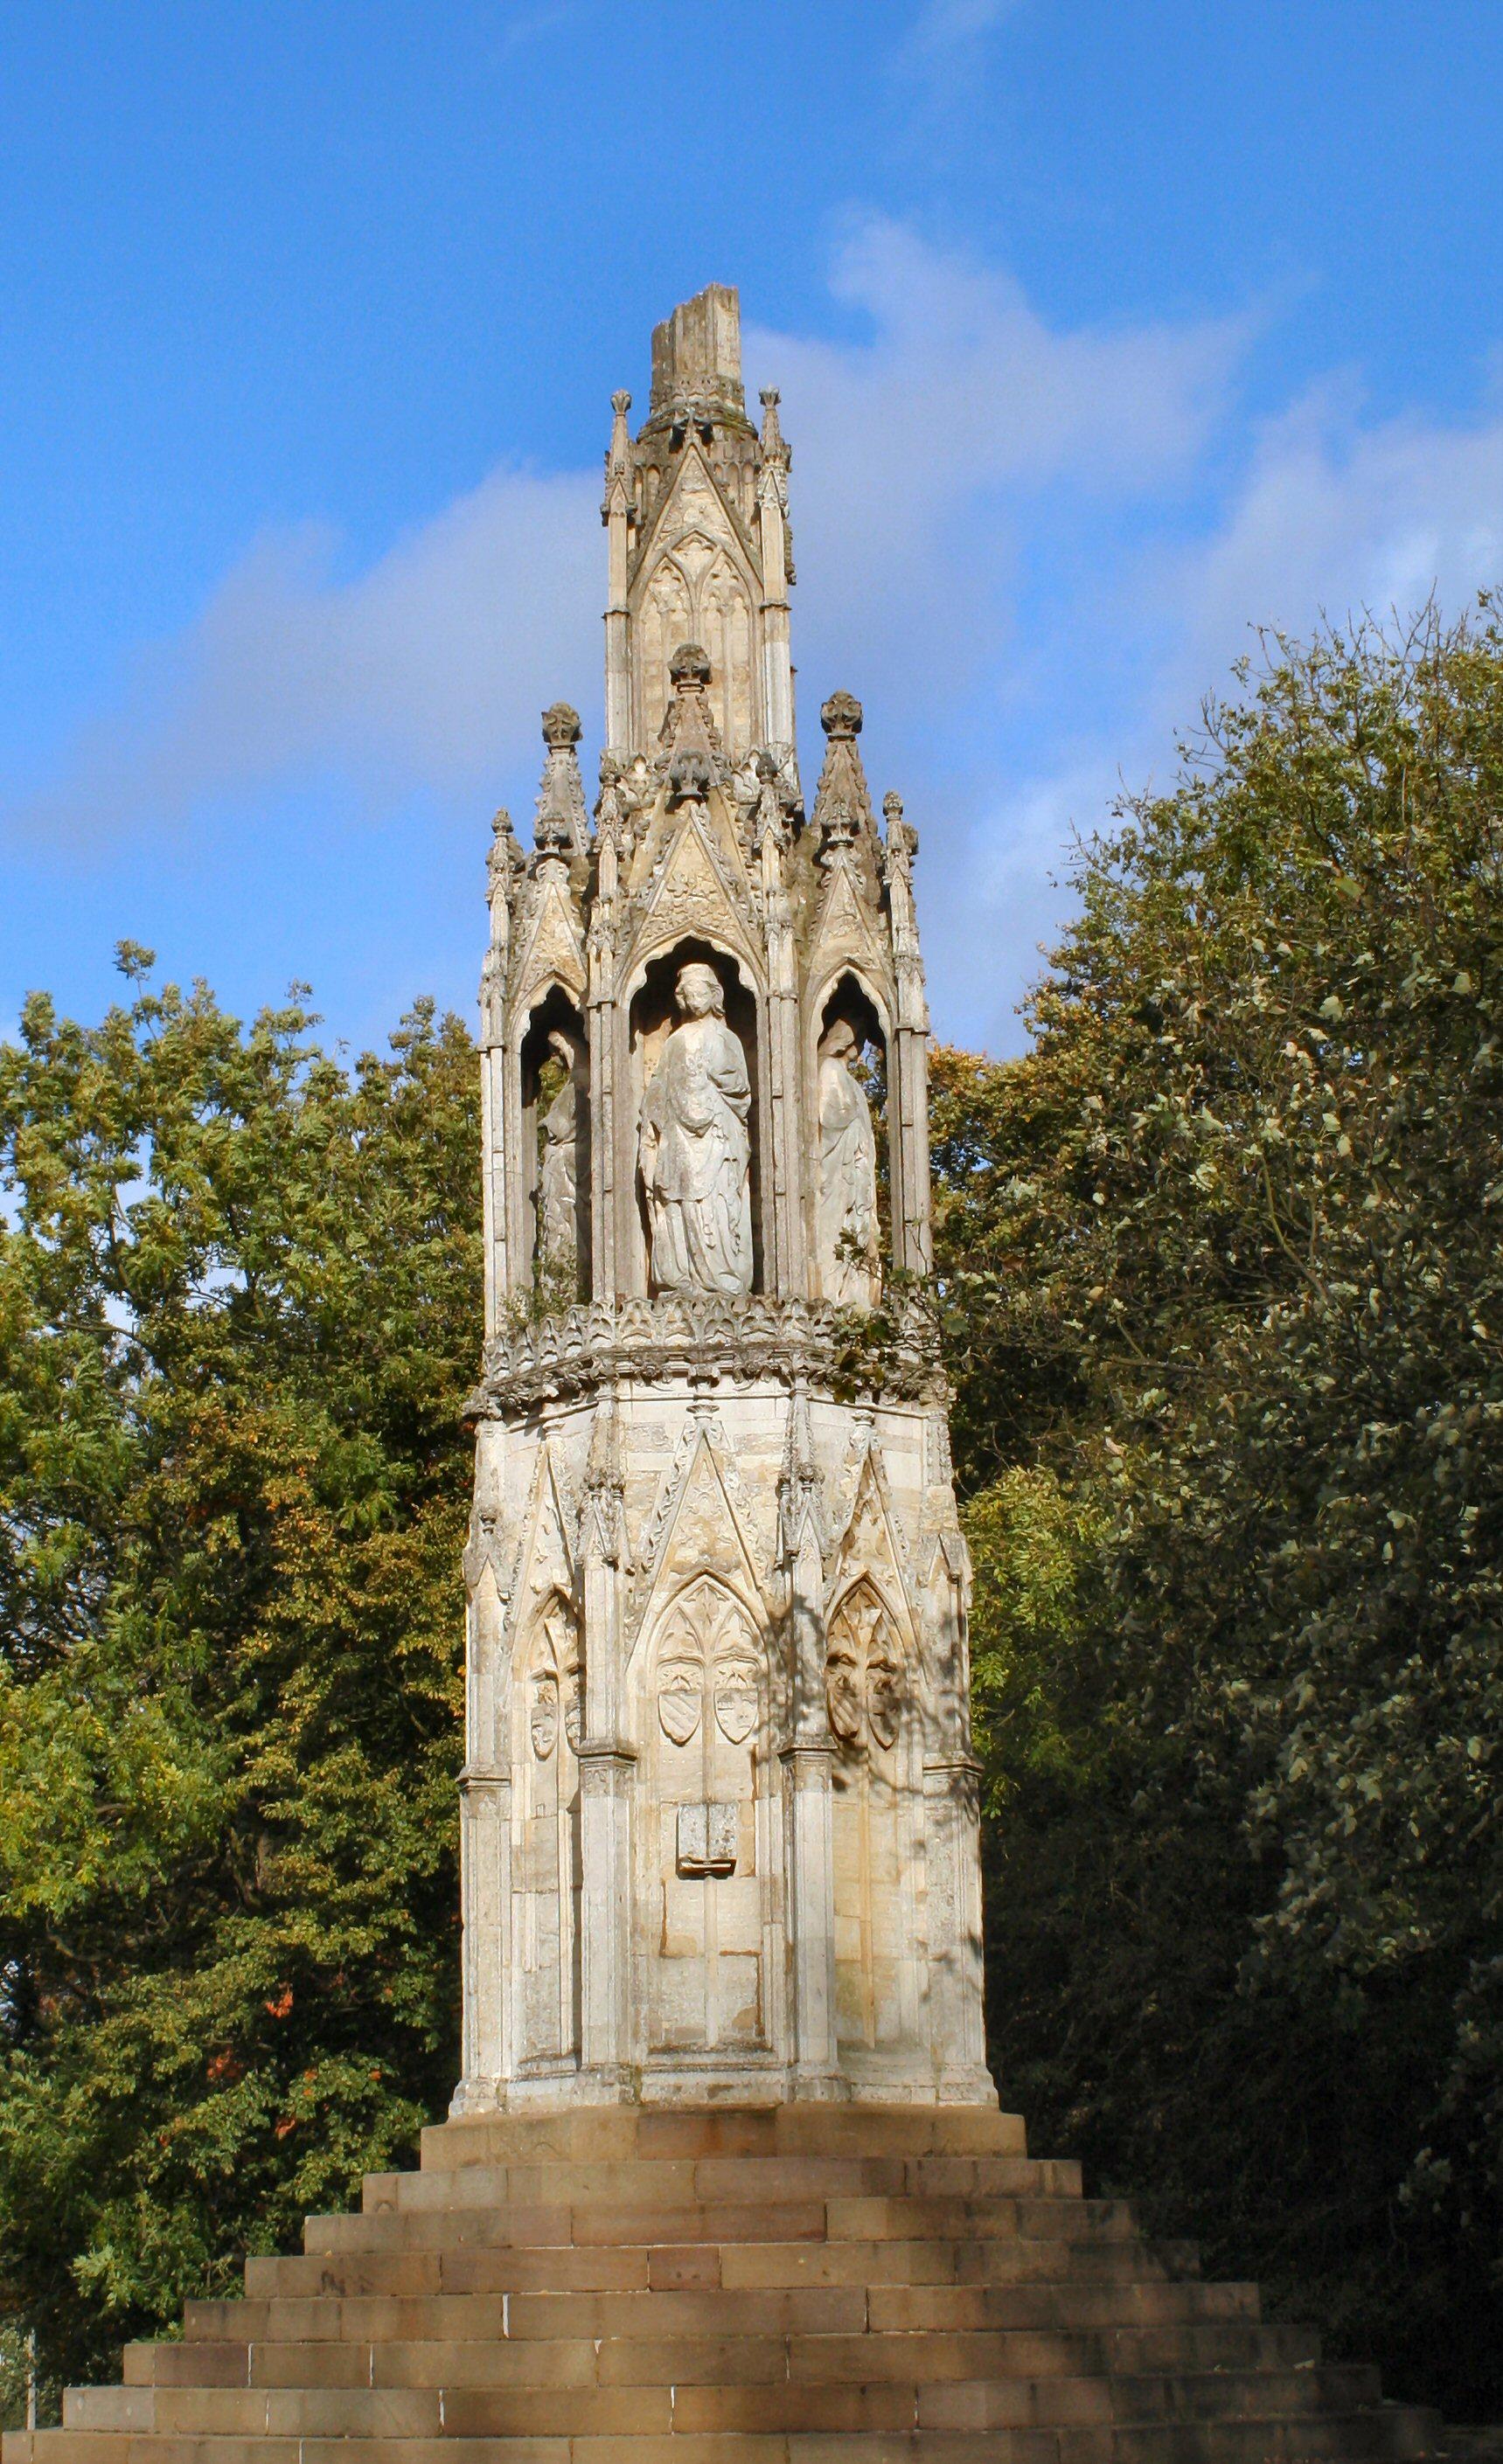 Queen Eleanor Cross, Hardingstone; picture taken (c) by R Neil Marshman 28 October 2005